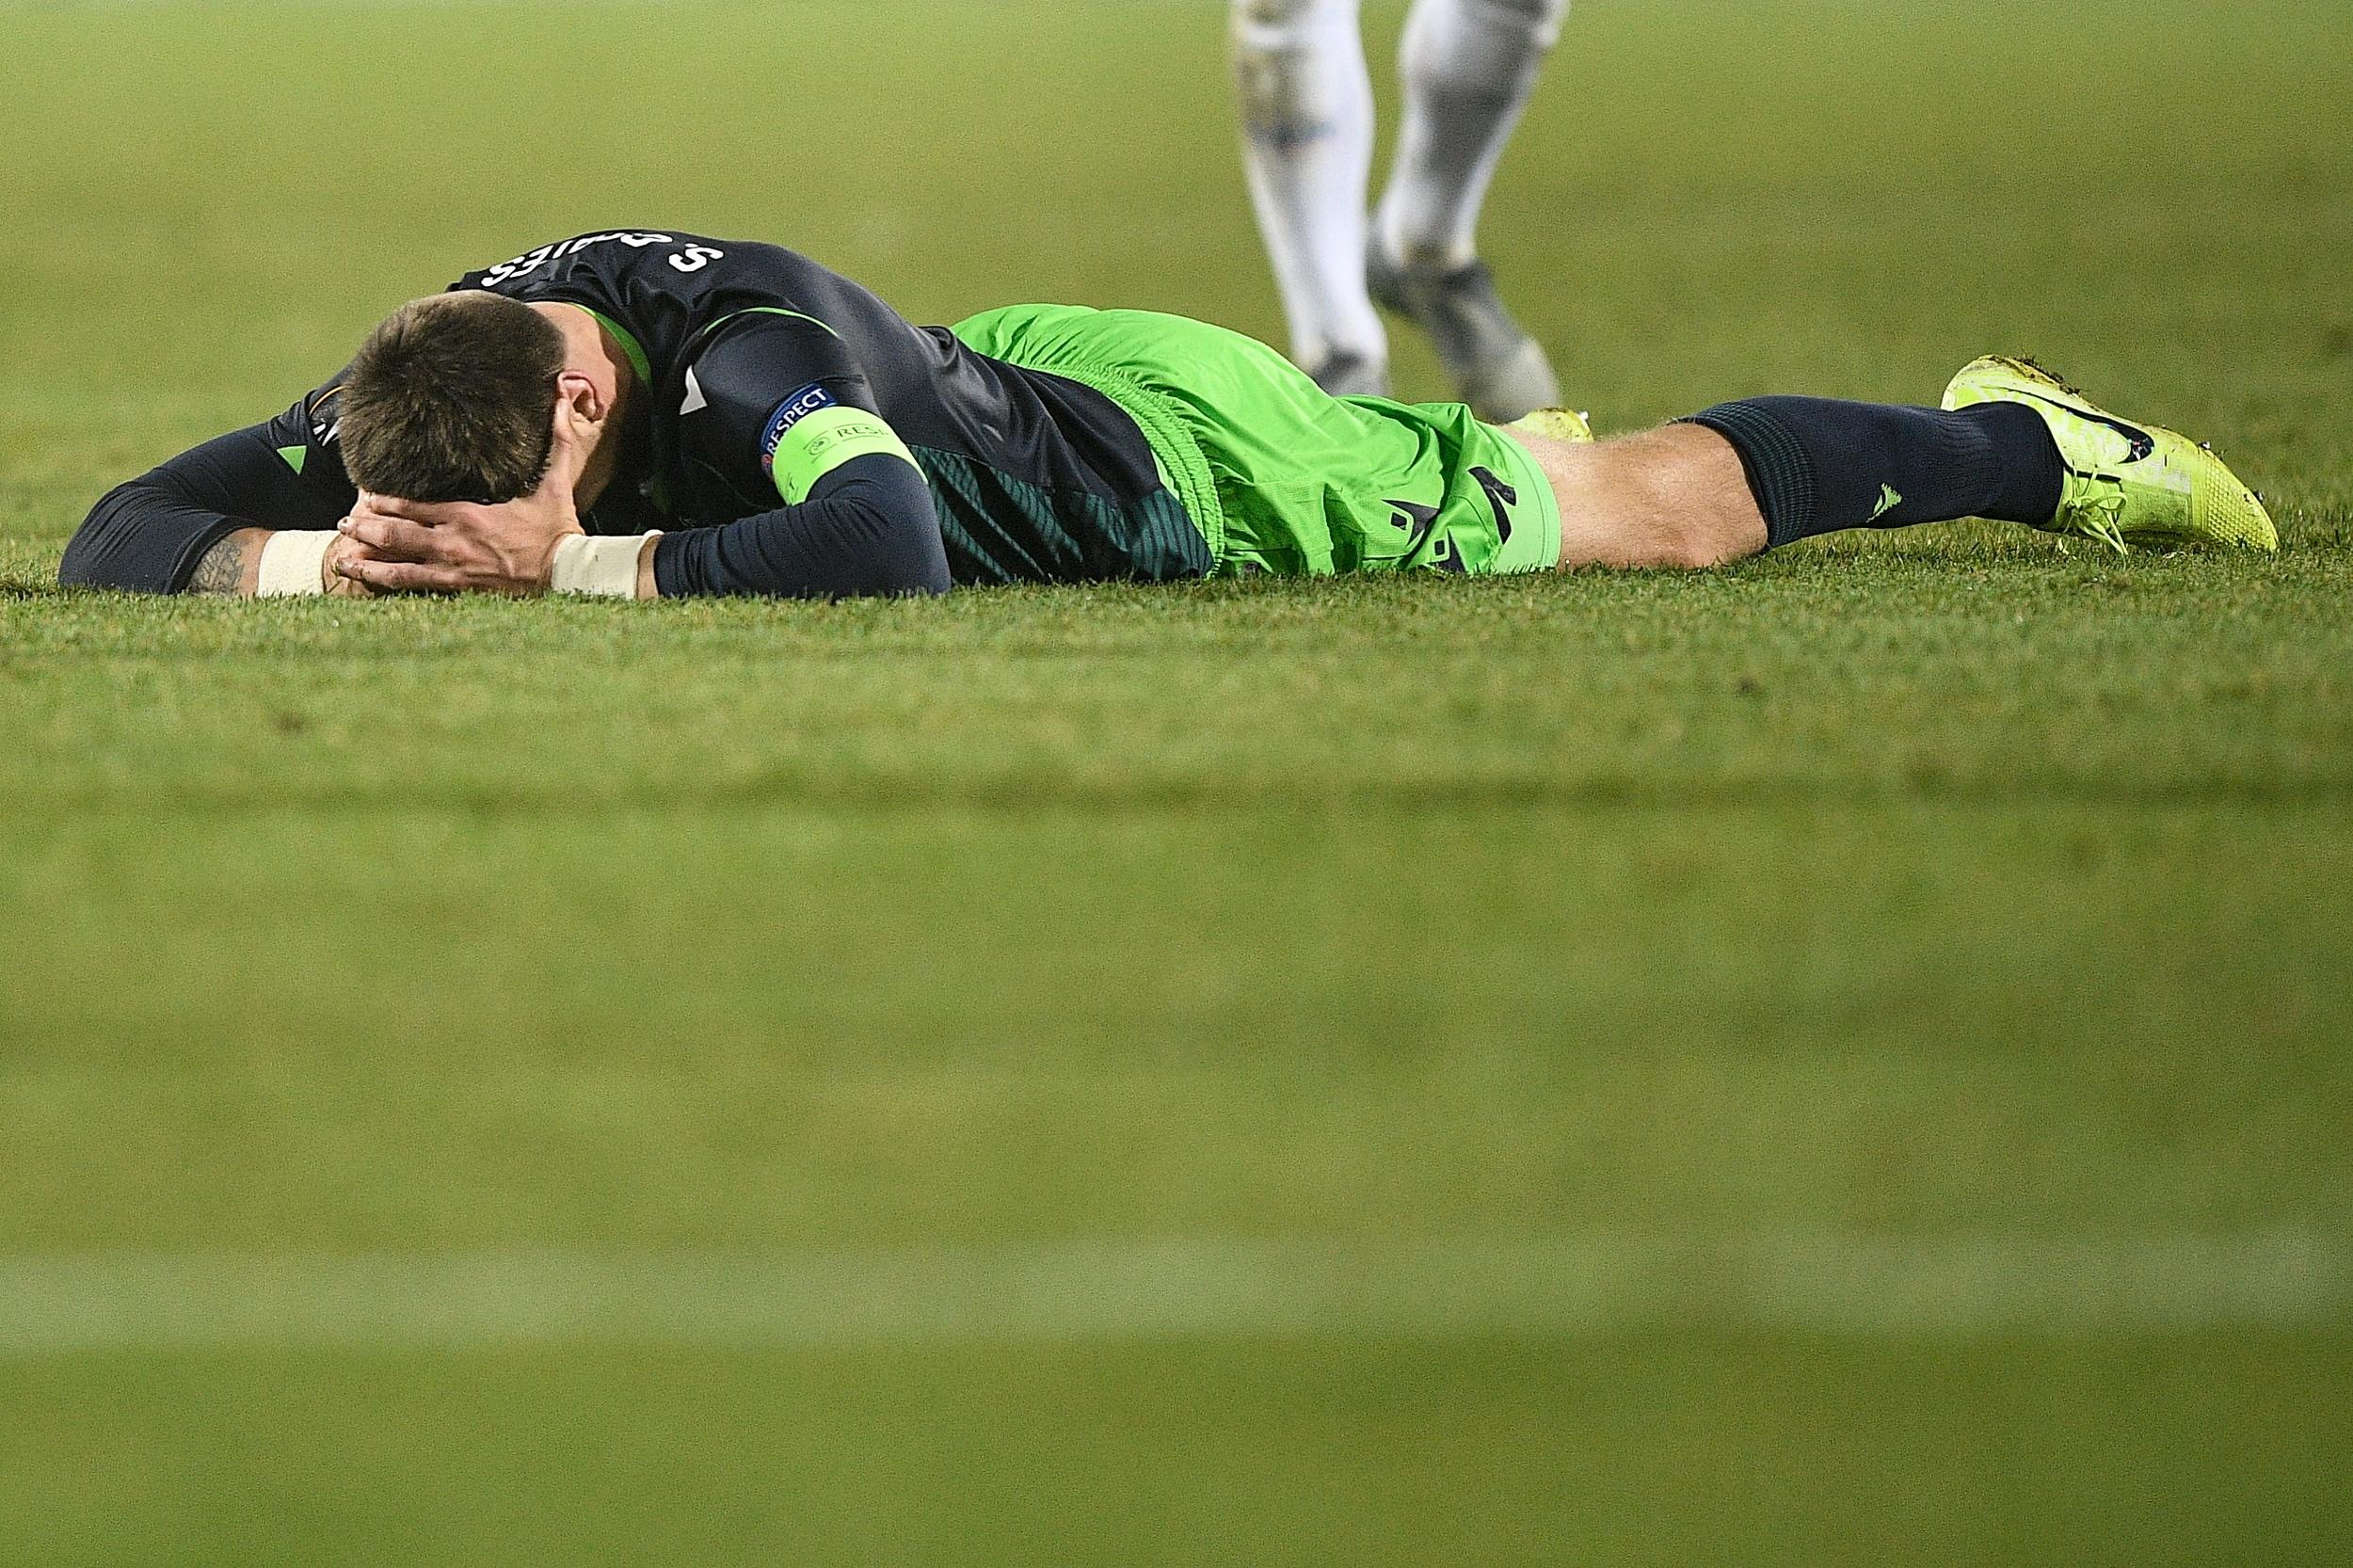 LASK Linz 3 - 0 Sporting: 'Leões' perdem na Áustria e ficam no caminho dos 'tubarões' da Champions